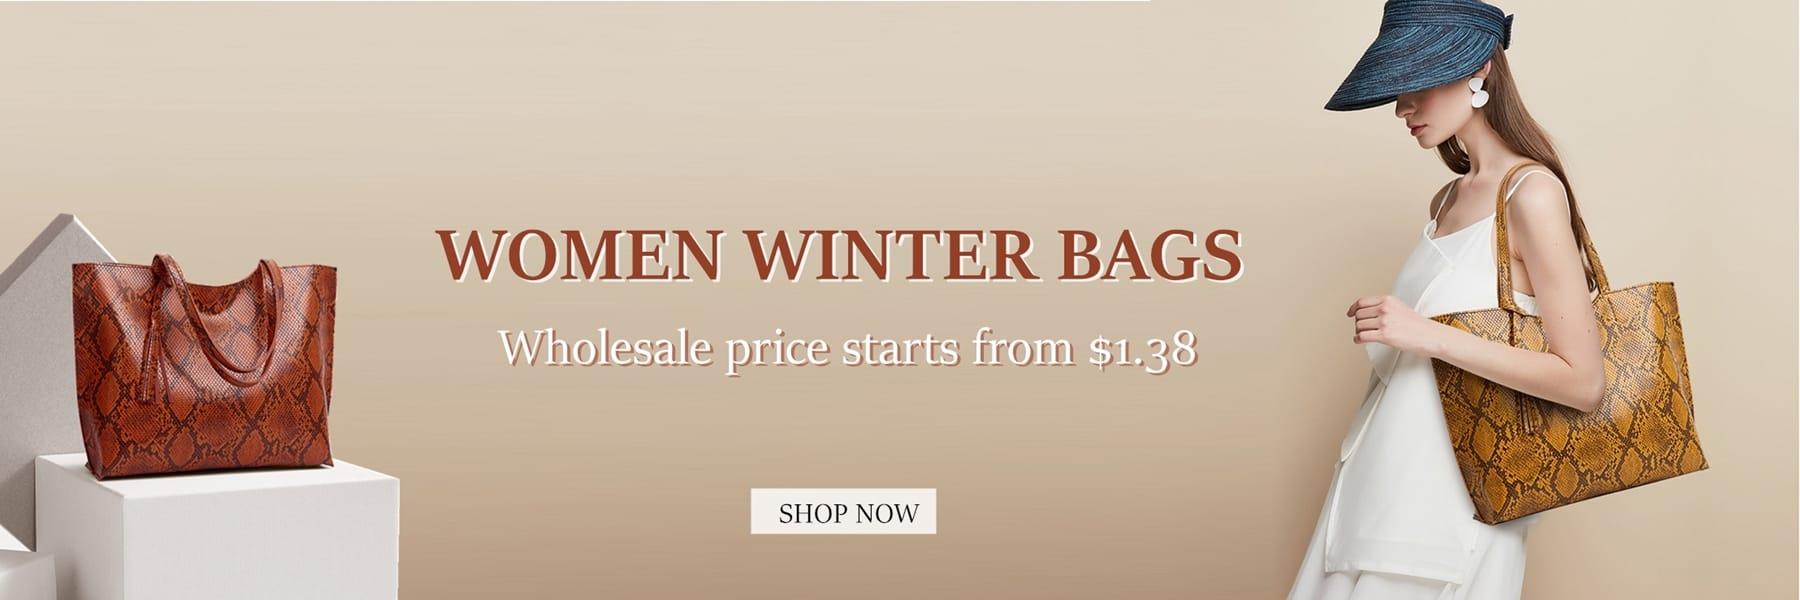 Wholesale Women Winter Bags